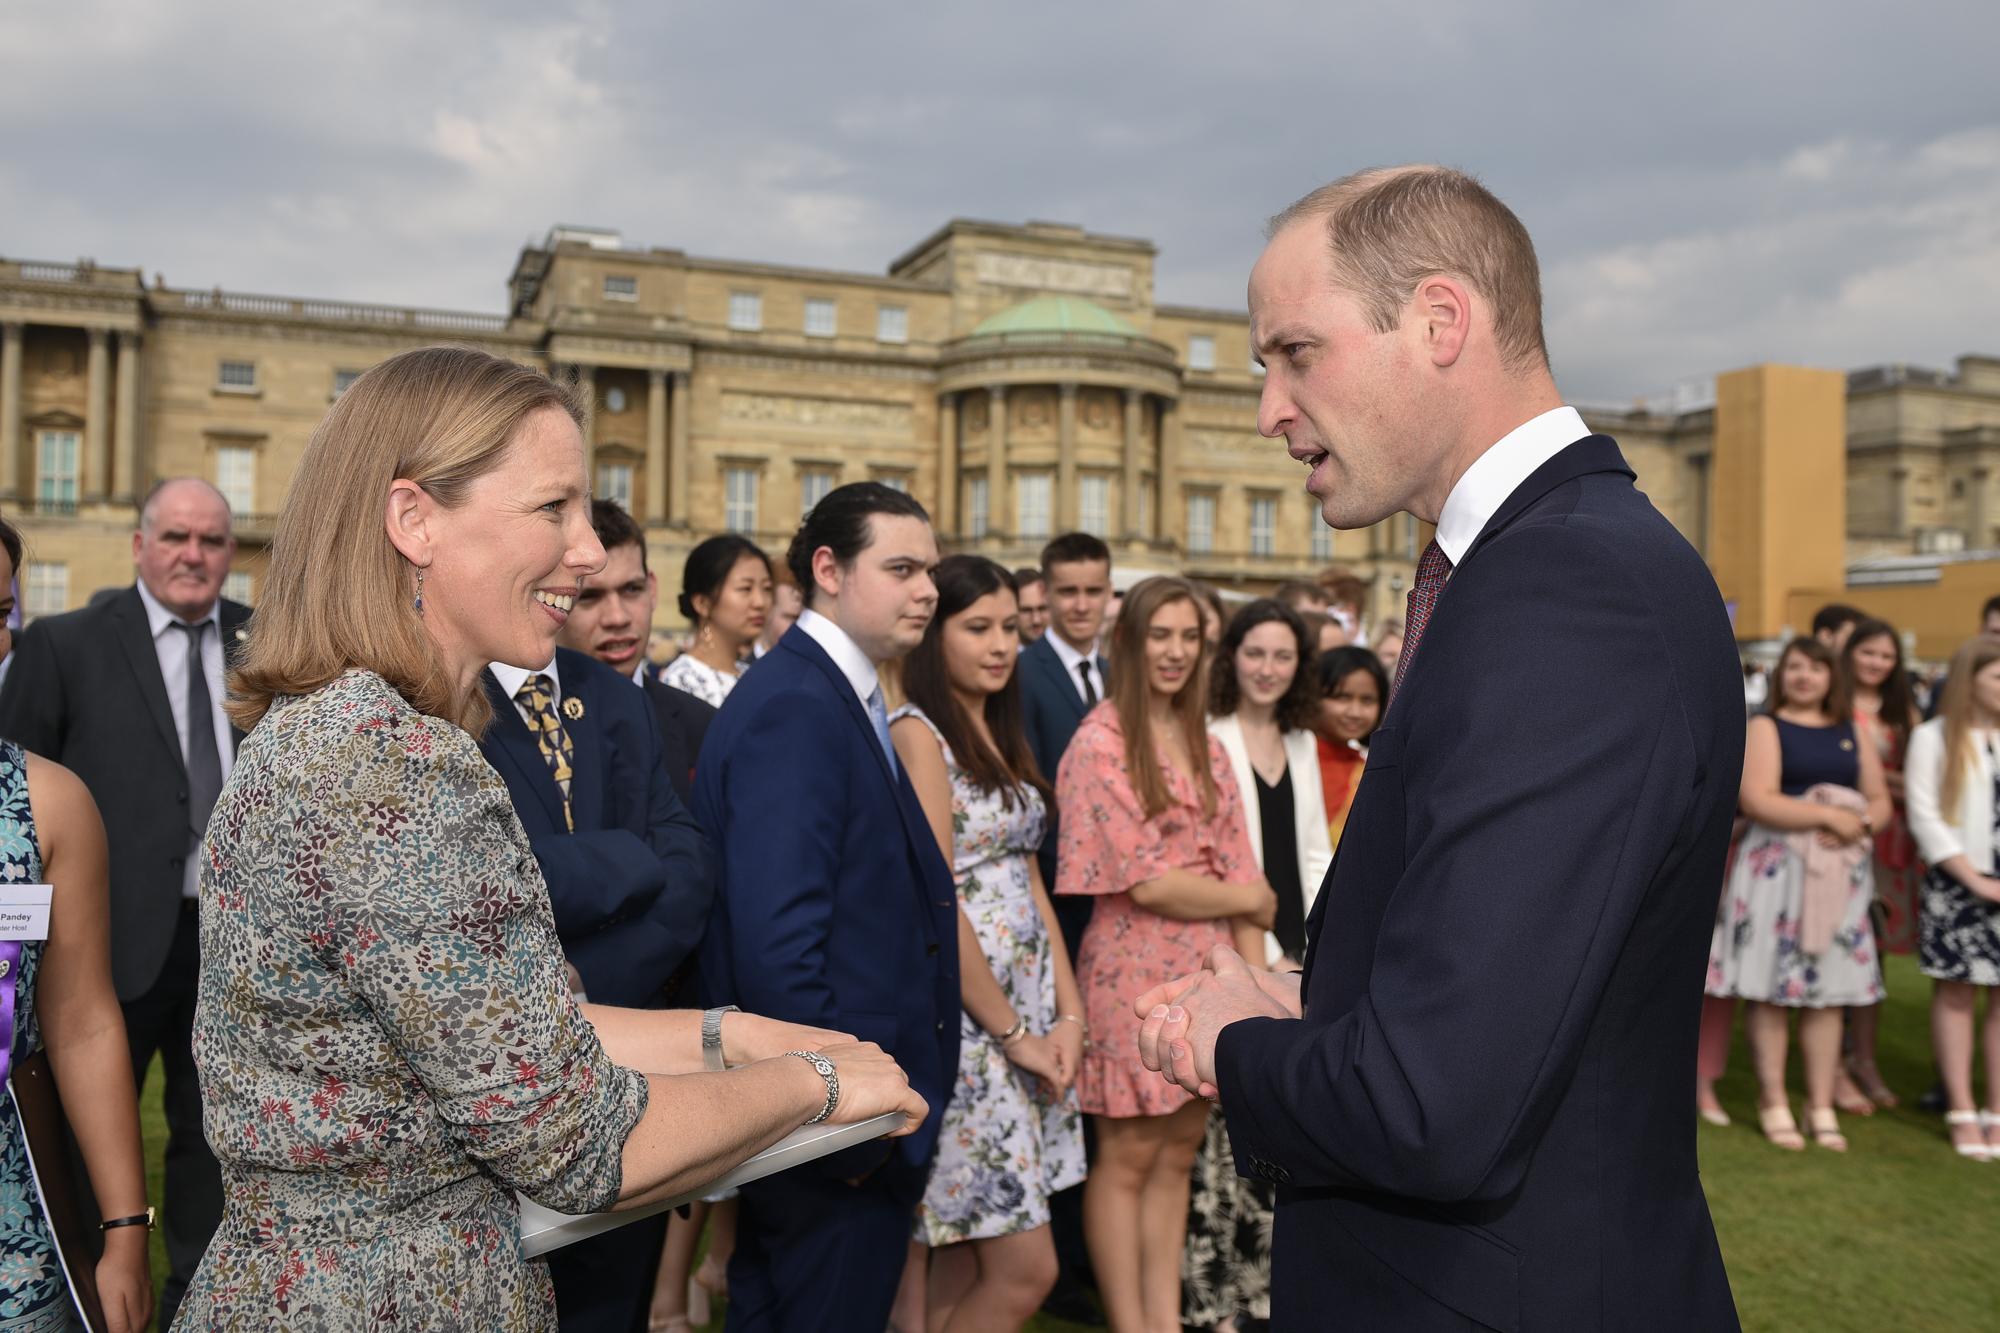 Gold Awards presentation at Buckingham Palace, May 2018